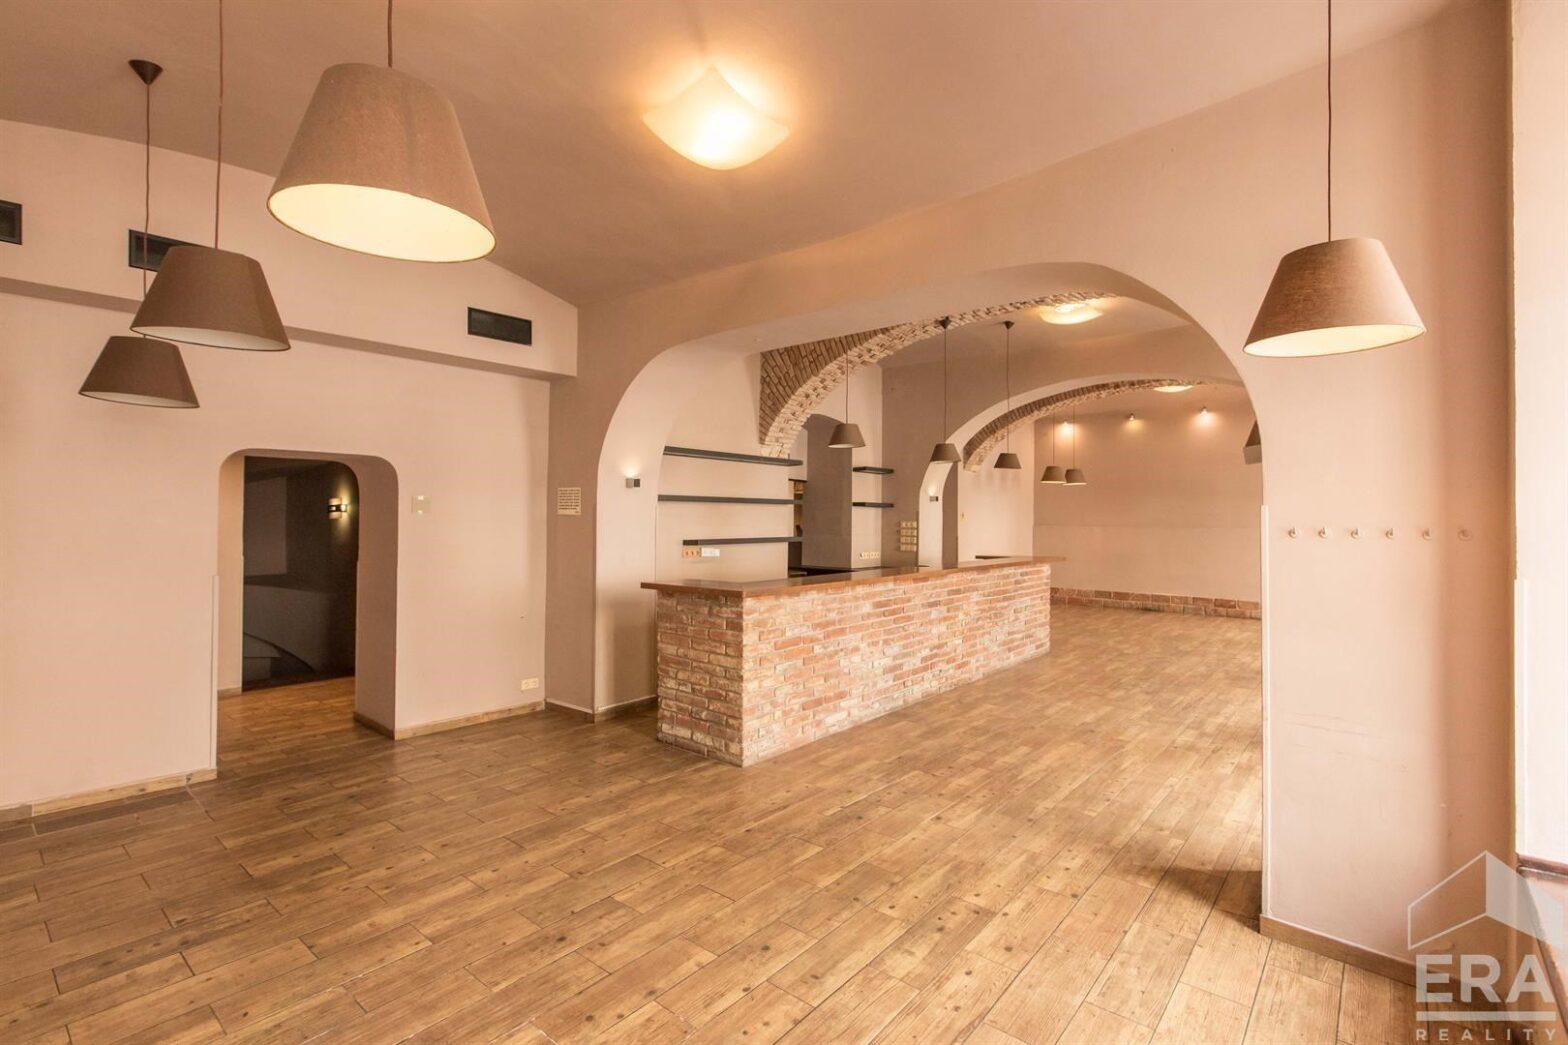 Prostorné, dvoupodlažní obchodní prostory, 430 m2, atraktivní lokalita – Betlémské náměstí, Praha 1 – Volné ihned